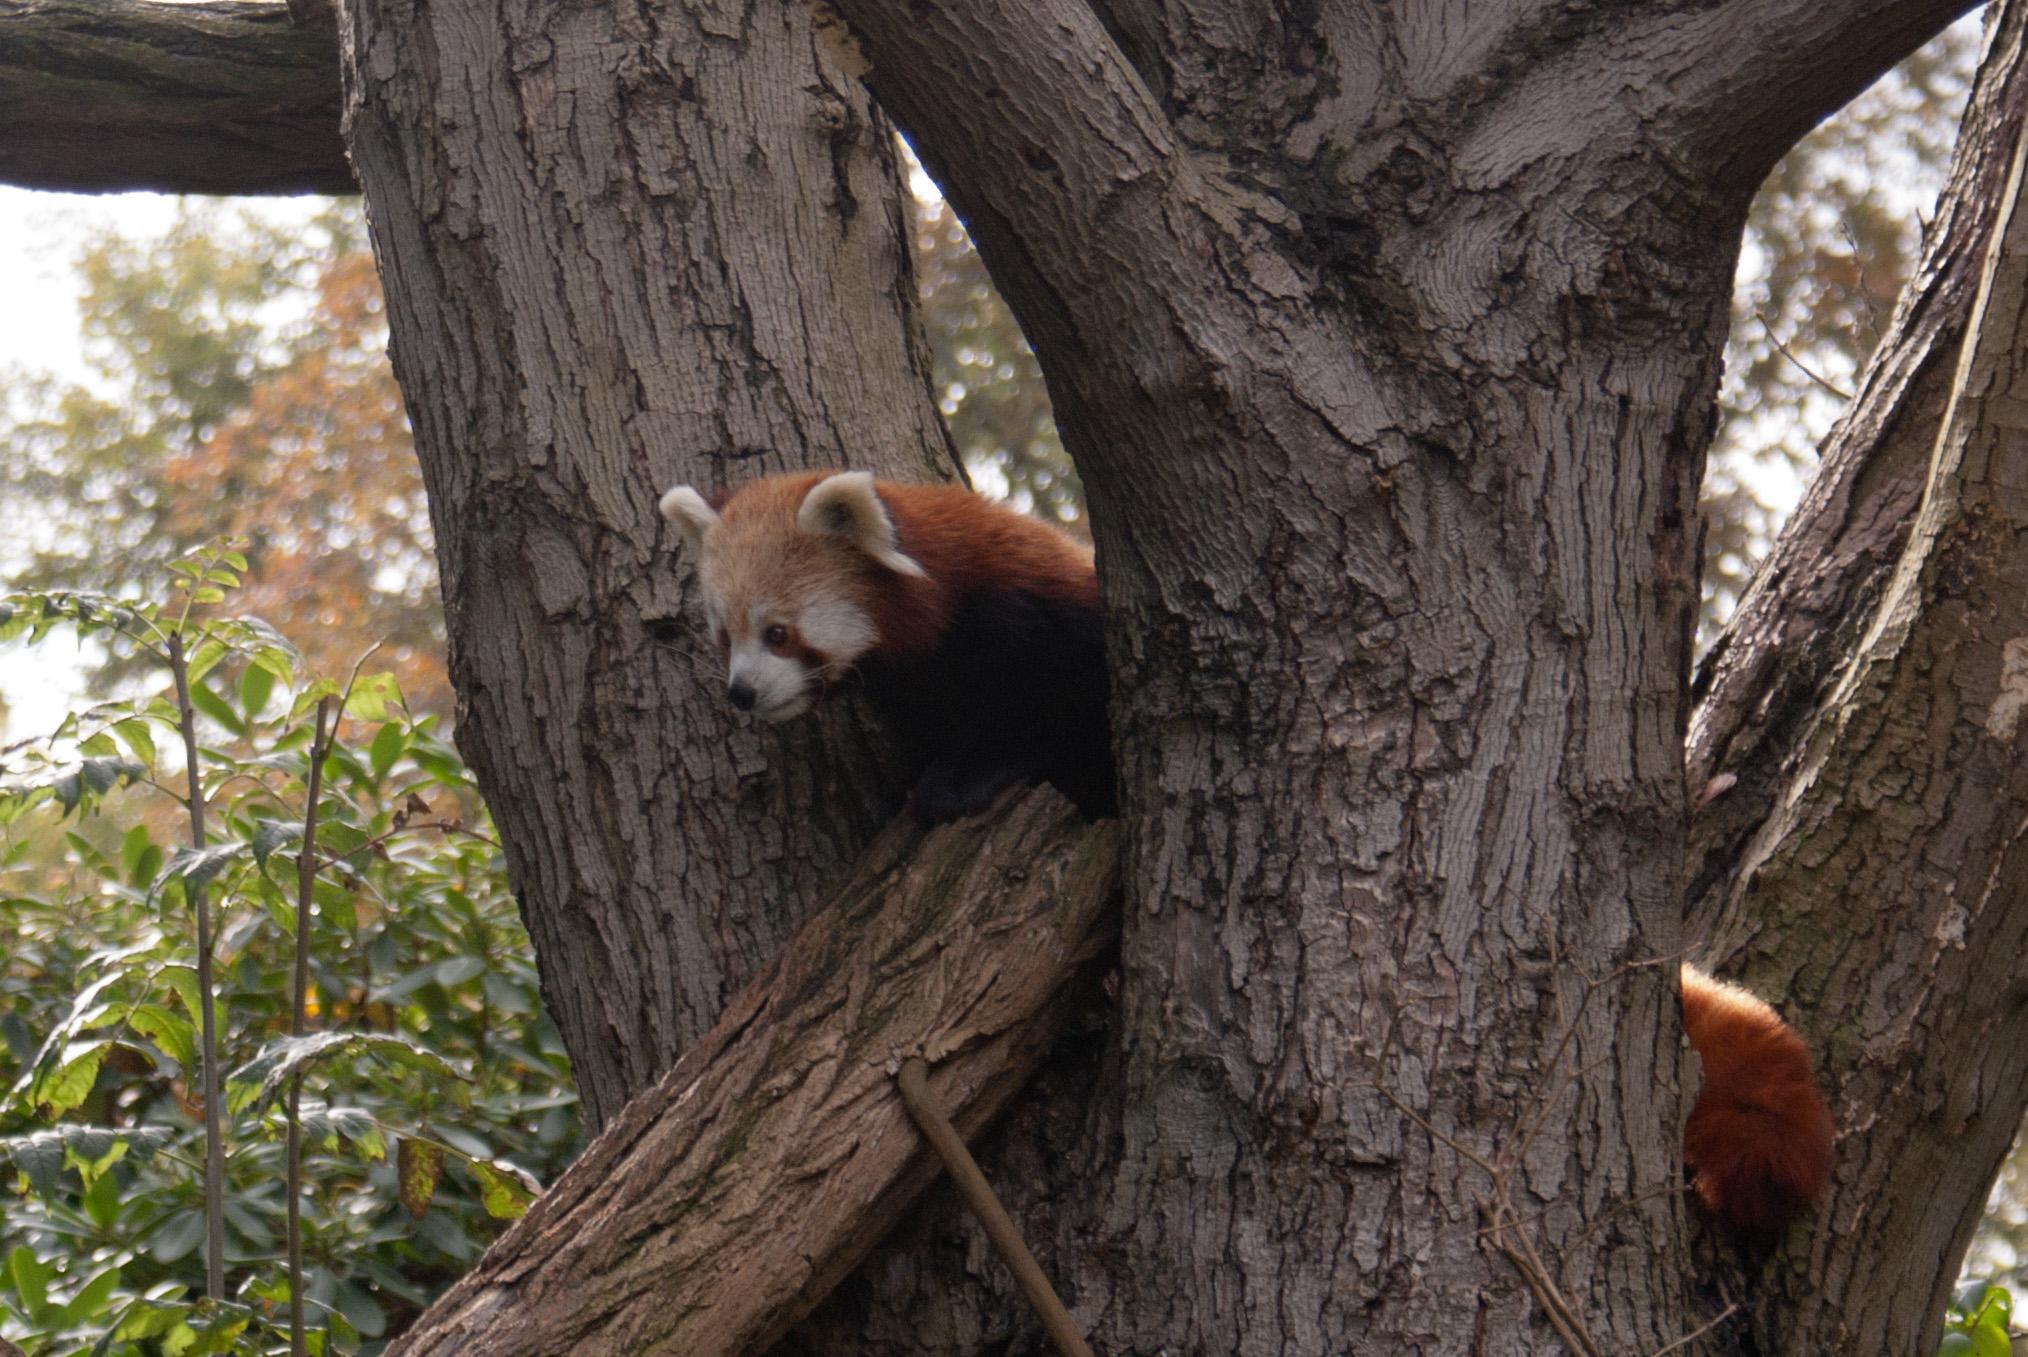 Roter Panda, Dresdner Zoo, Okt. 2011